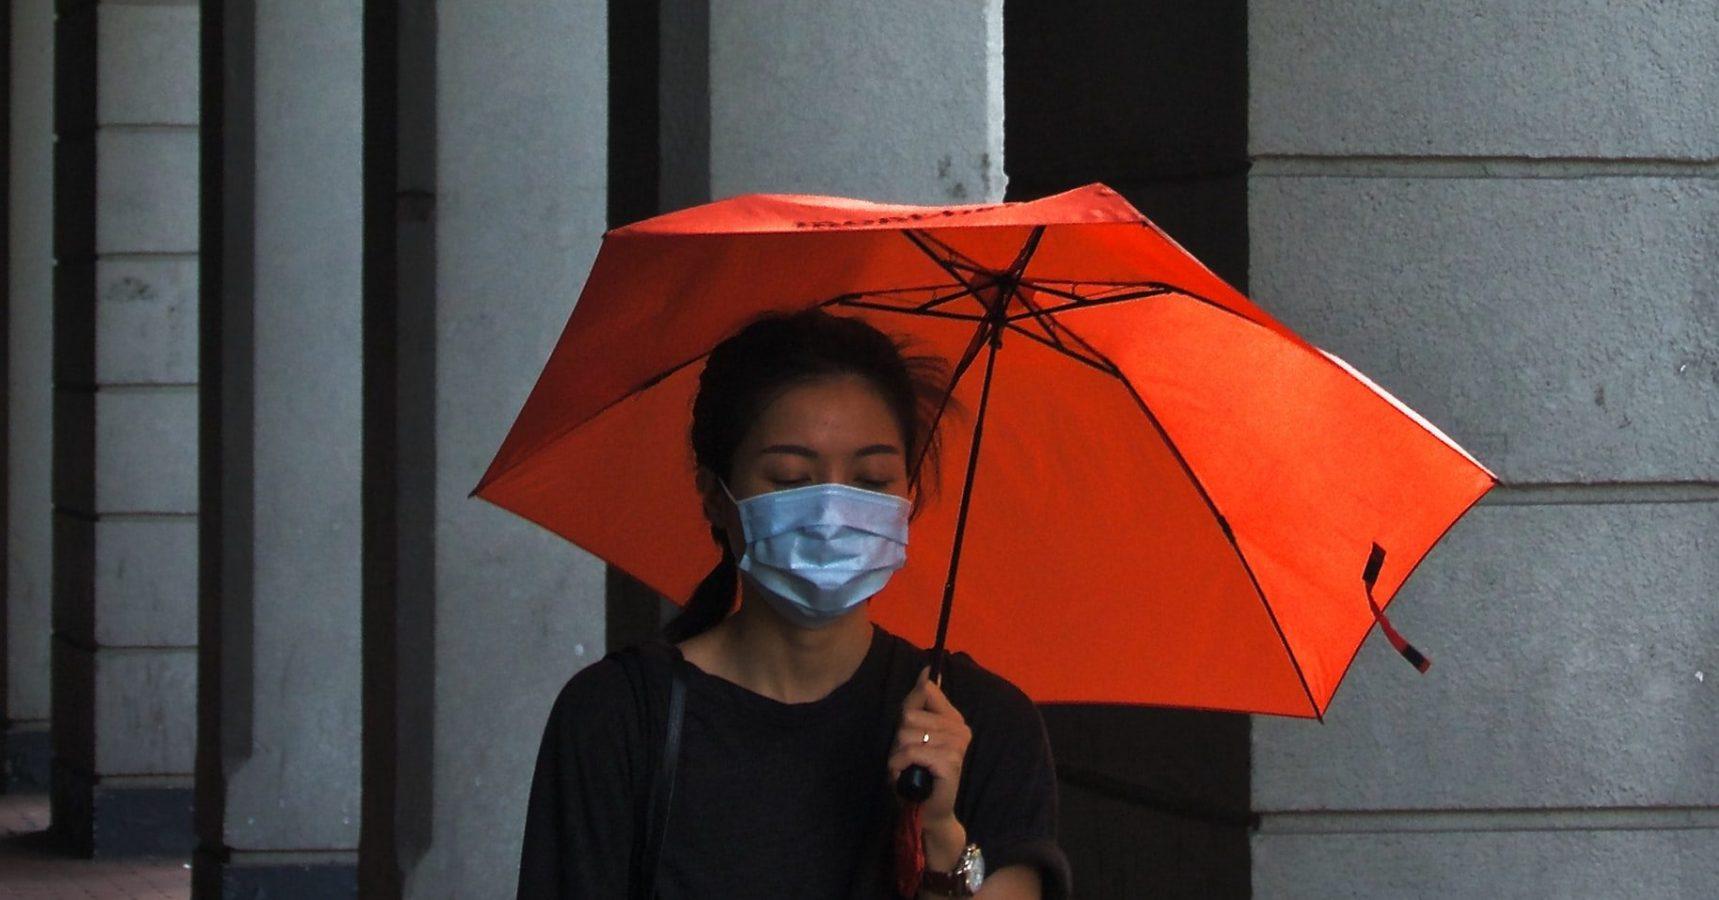 勞動部:因應「武漢肺炎」防疫措施,勞工提出請假申請時,雇主不得拒絕